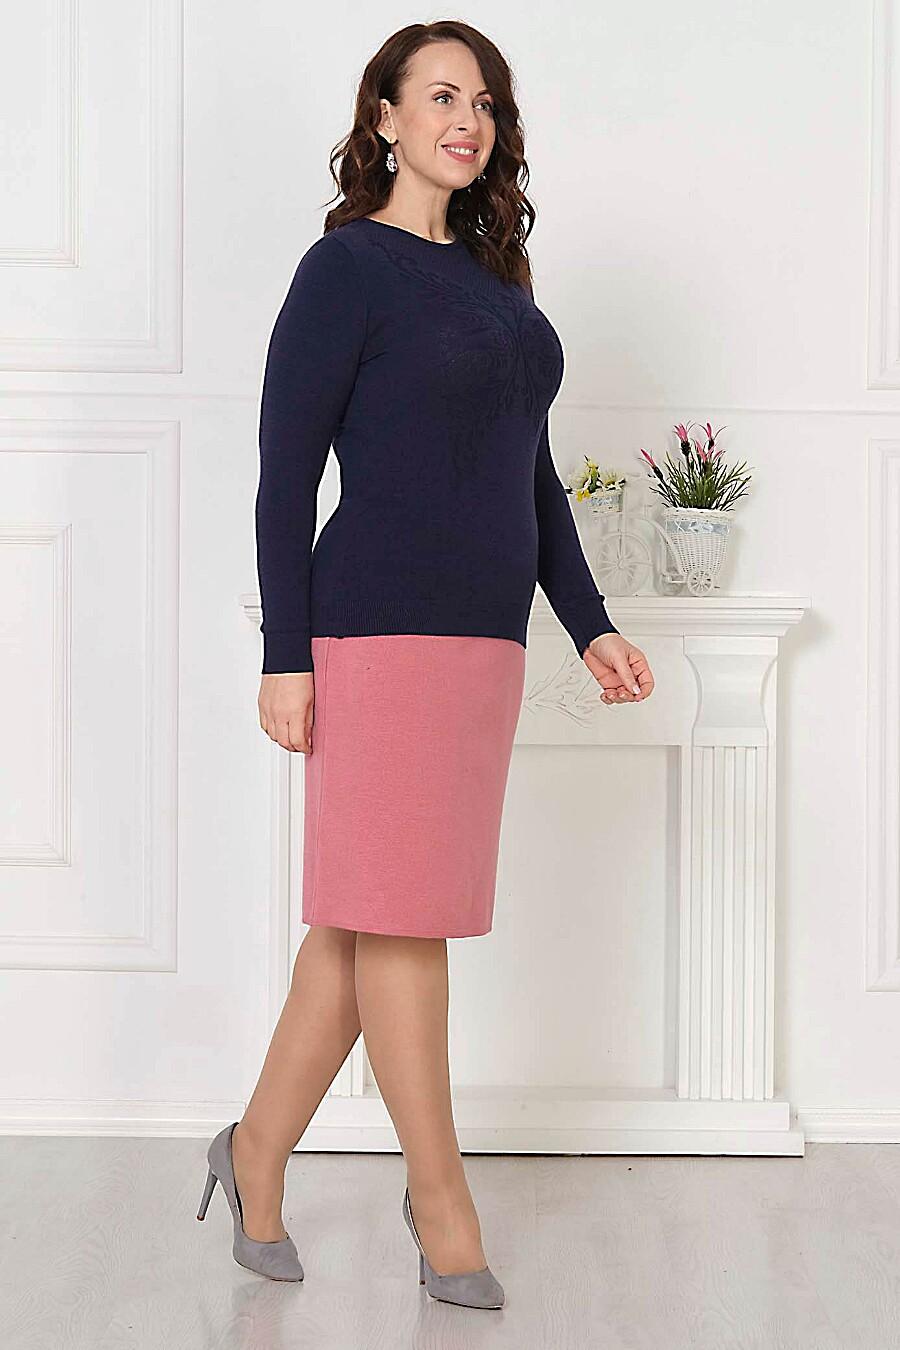 Джемпер для женщин ANKOLI 184588 купить оптом от производителя. Совместная покупка женской одежды в OptMoyo